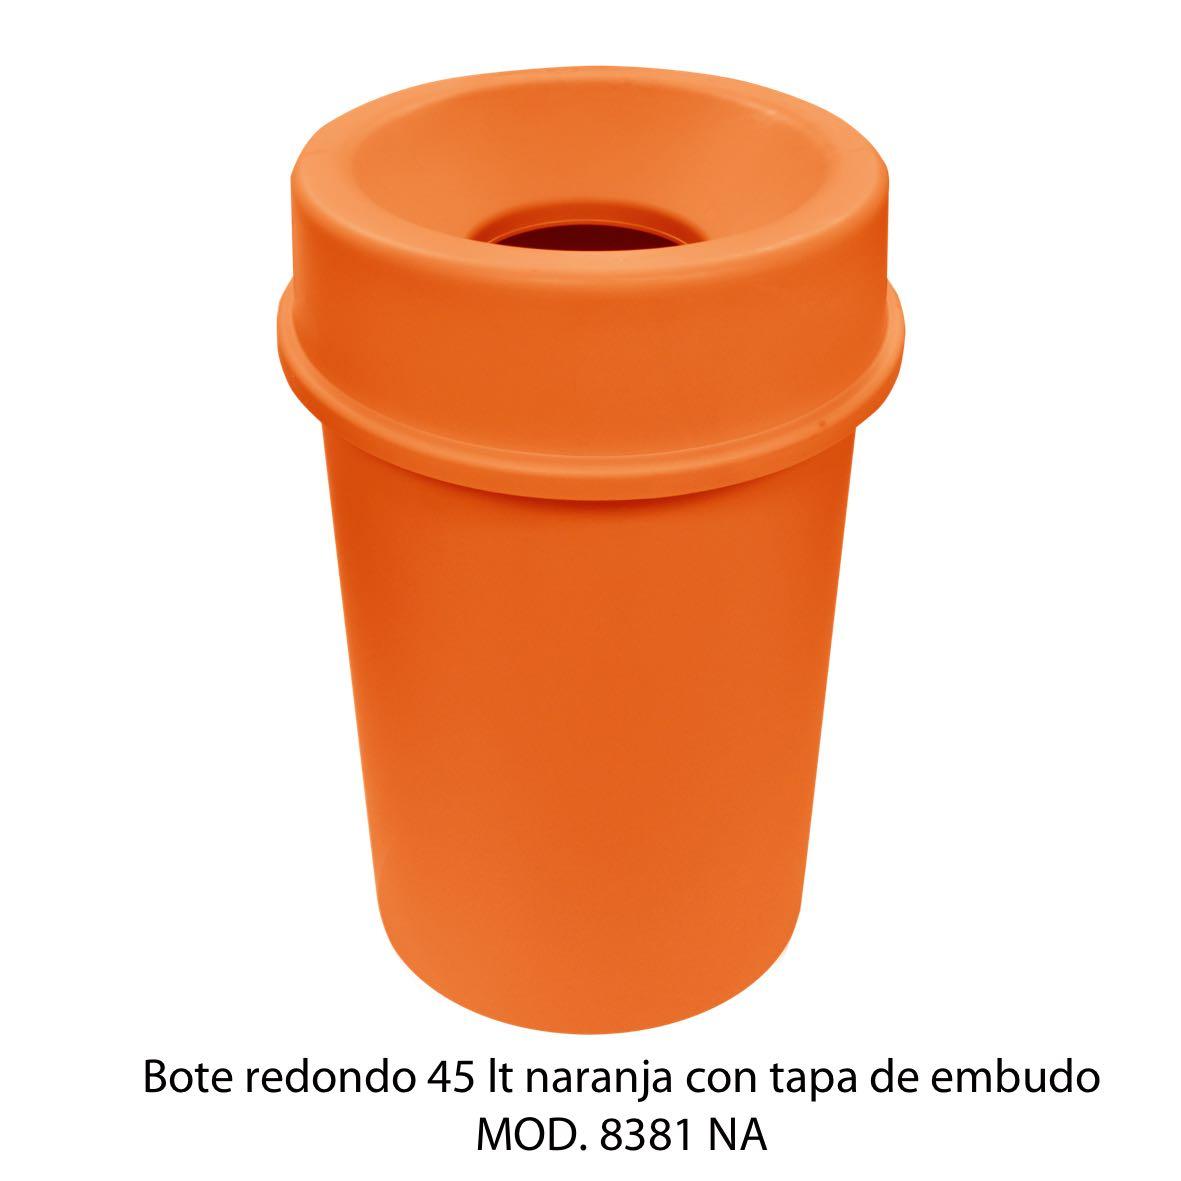 Bote de basura redondo 45 litros con tapa de embudo color naranja modelo 8381 NA Sablón